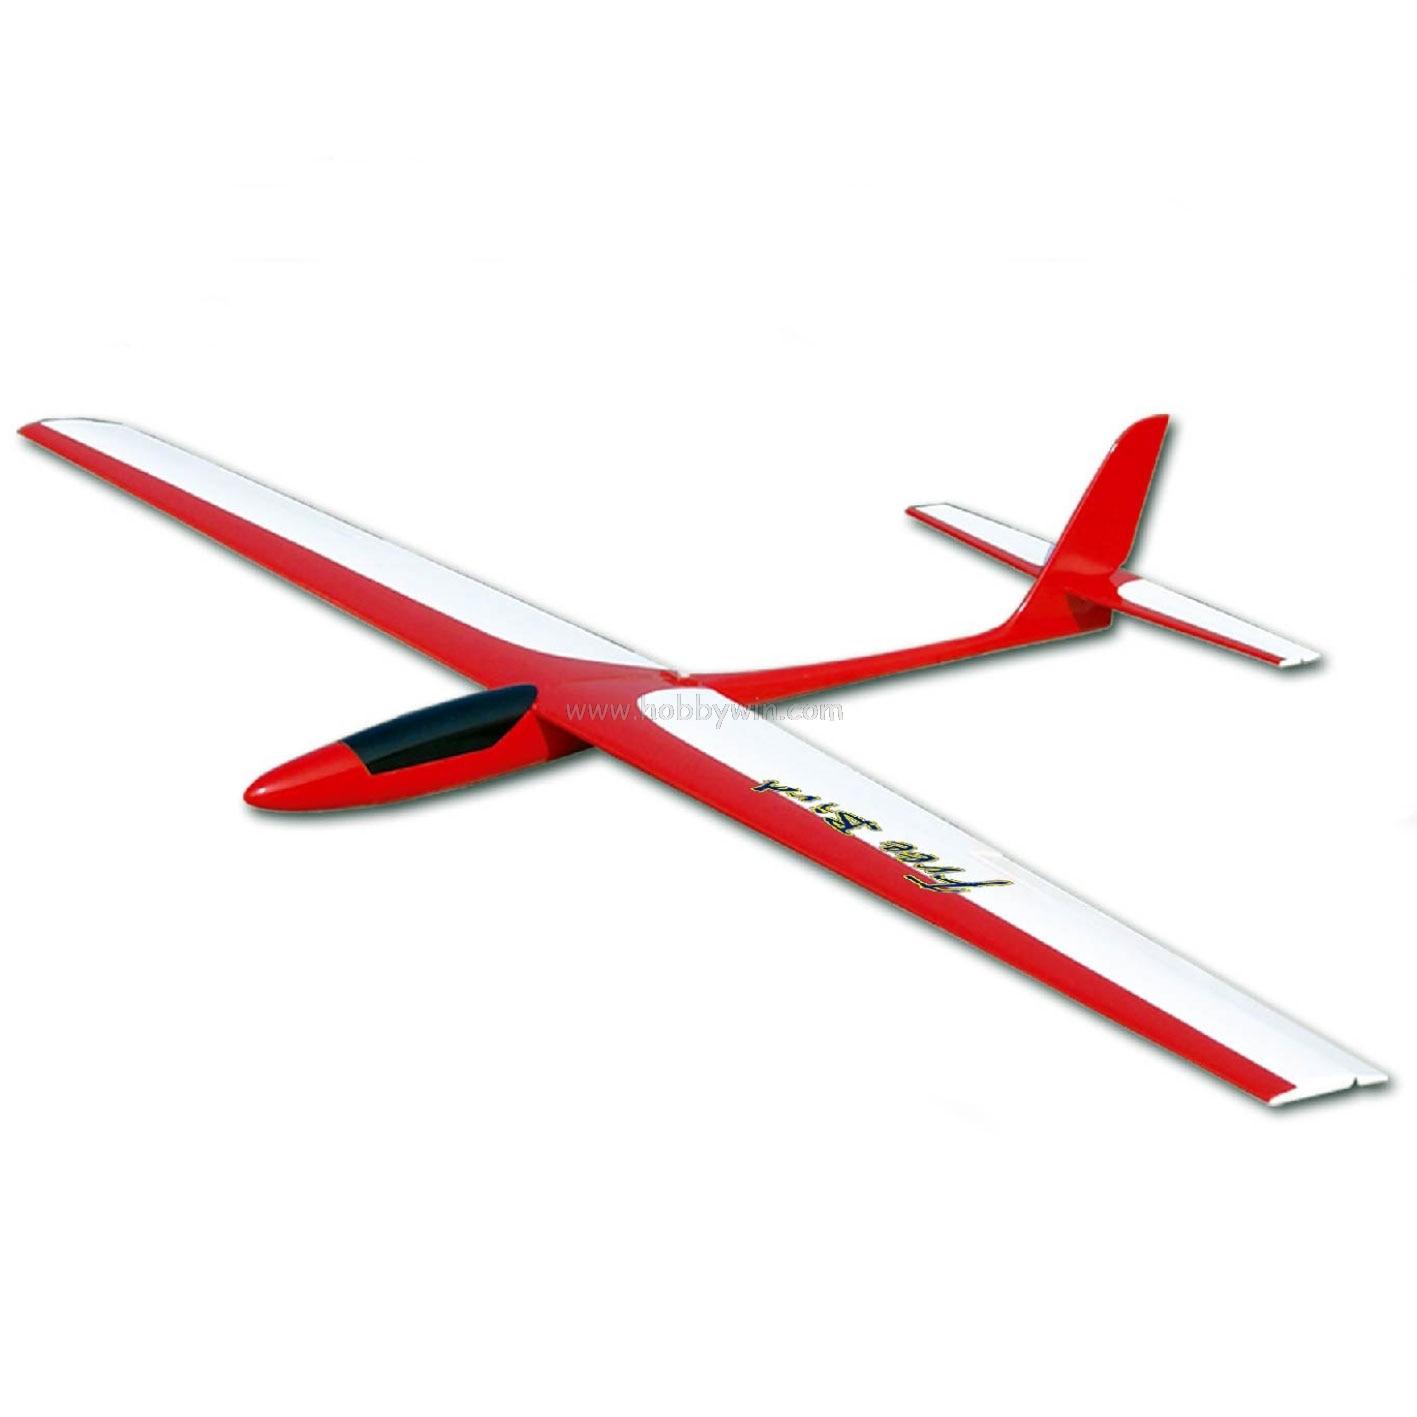 Free Bird Glider 1450mm KIT without electric part unpowered aircraft RC fiberglass sailplane